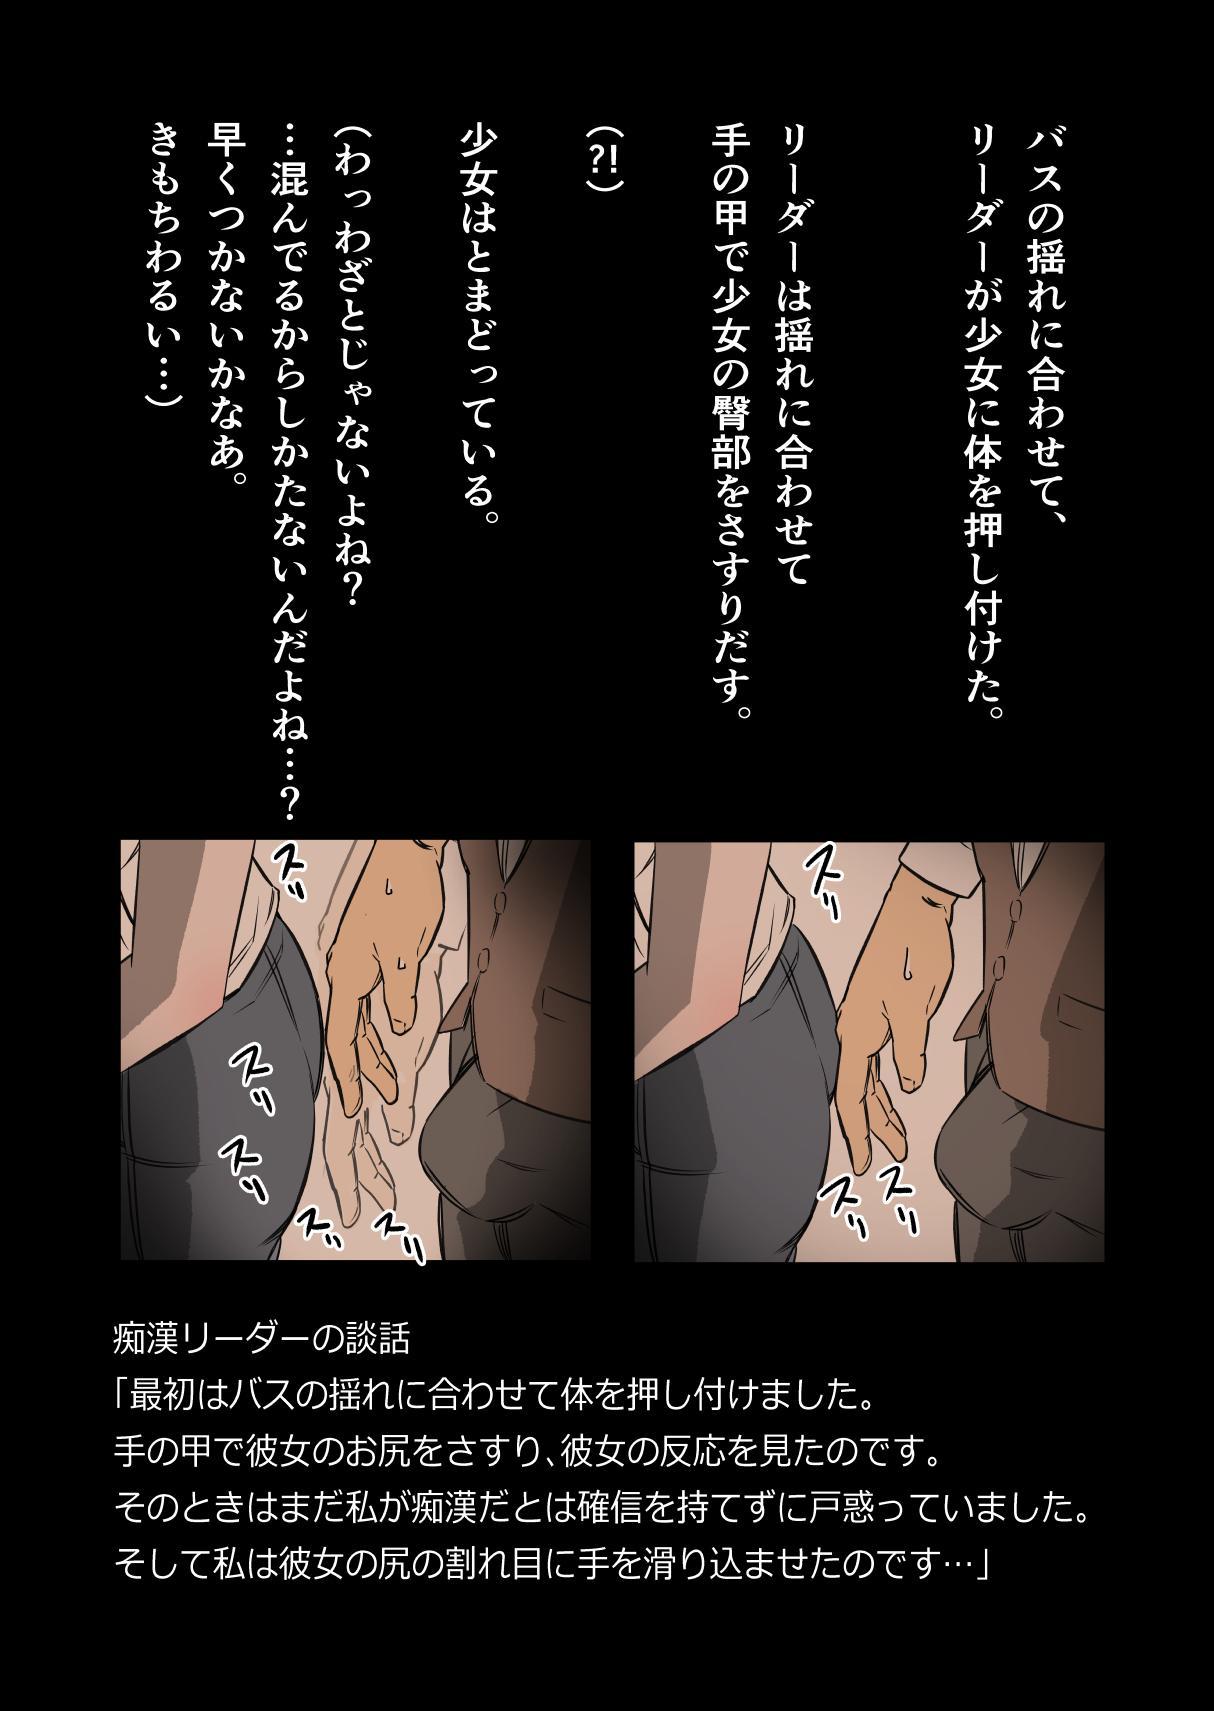 Tenki no Ko o Bus Chikan de Shikkin Zecchou Saseta Watashi no Riyuu 5